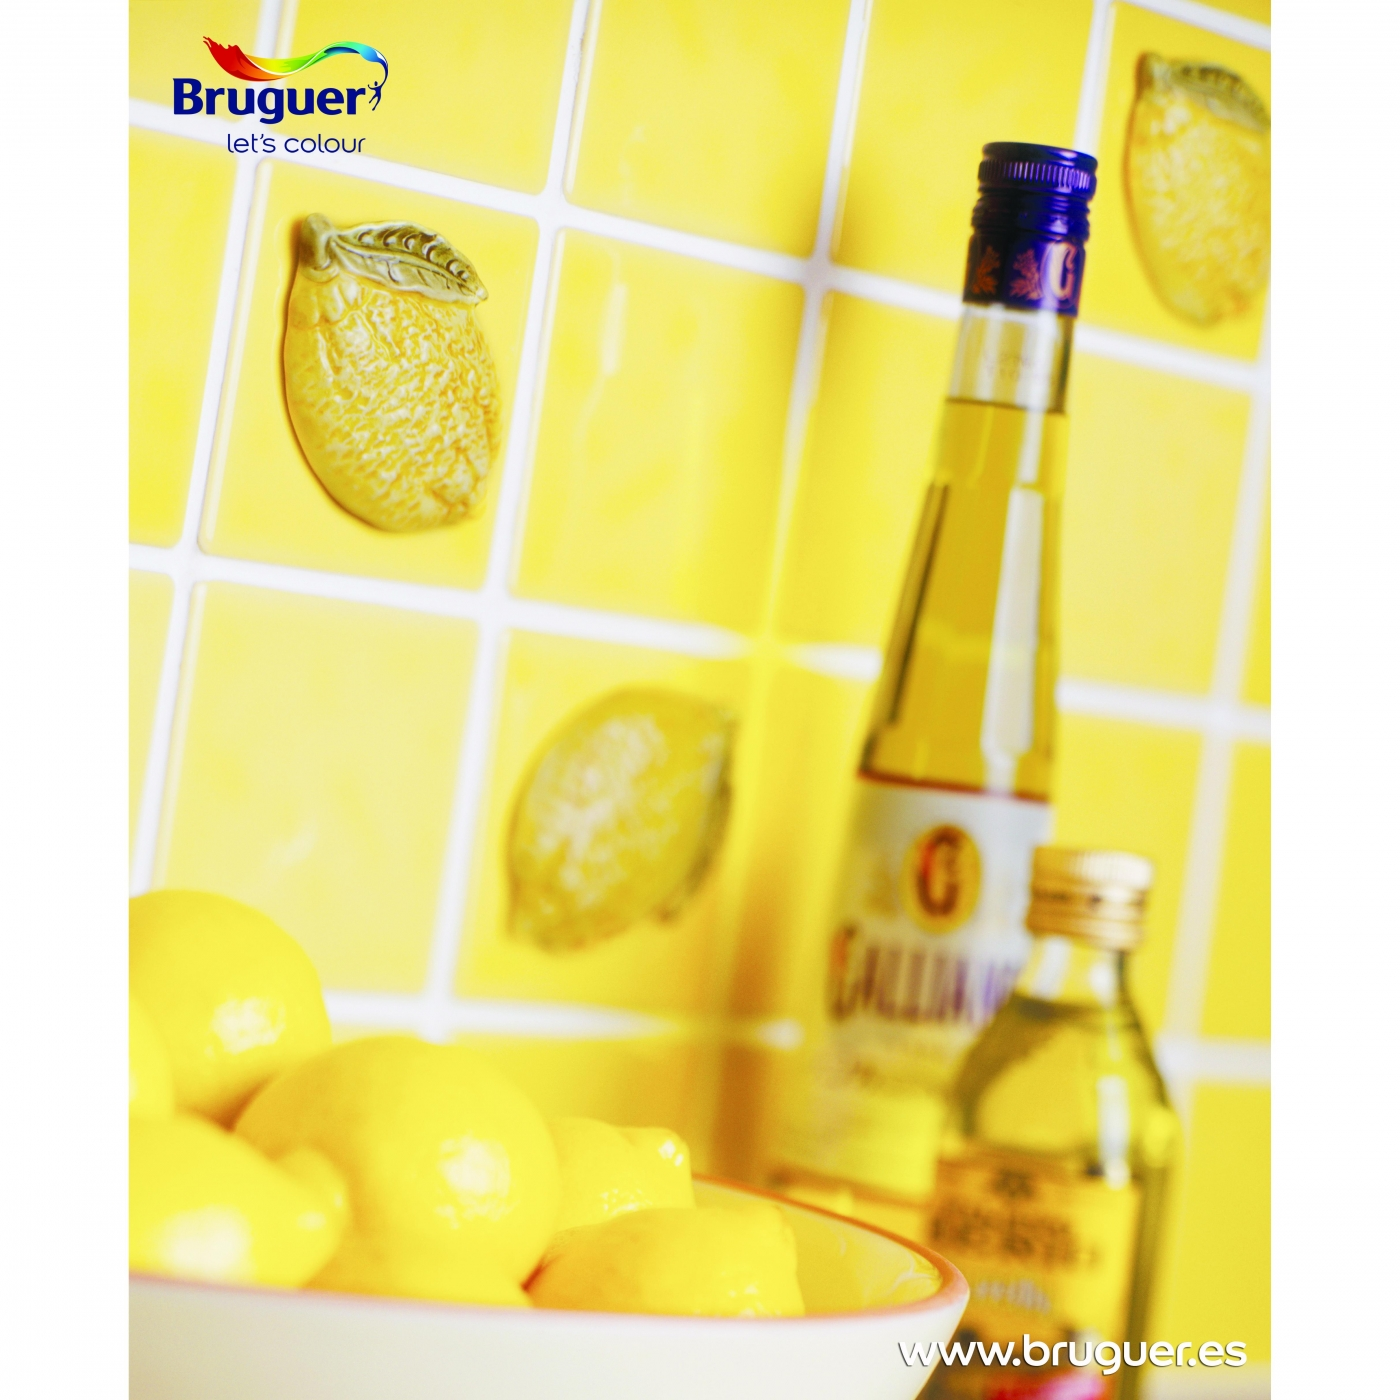 Esmalte para azulejos brillante ocre tostado bruguer 750 ml por 20 49 en planeta huerto - Esmaltes para azulejos ...